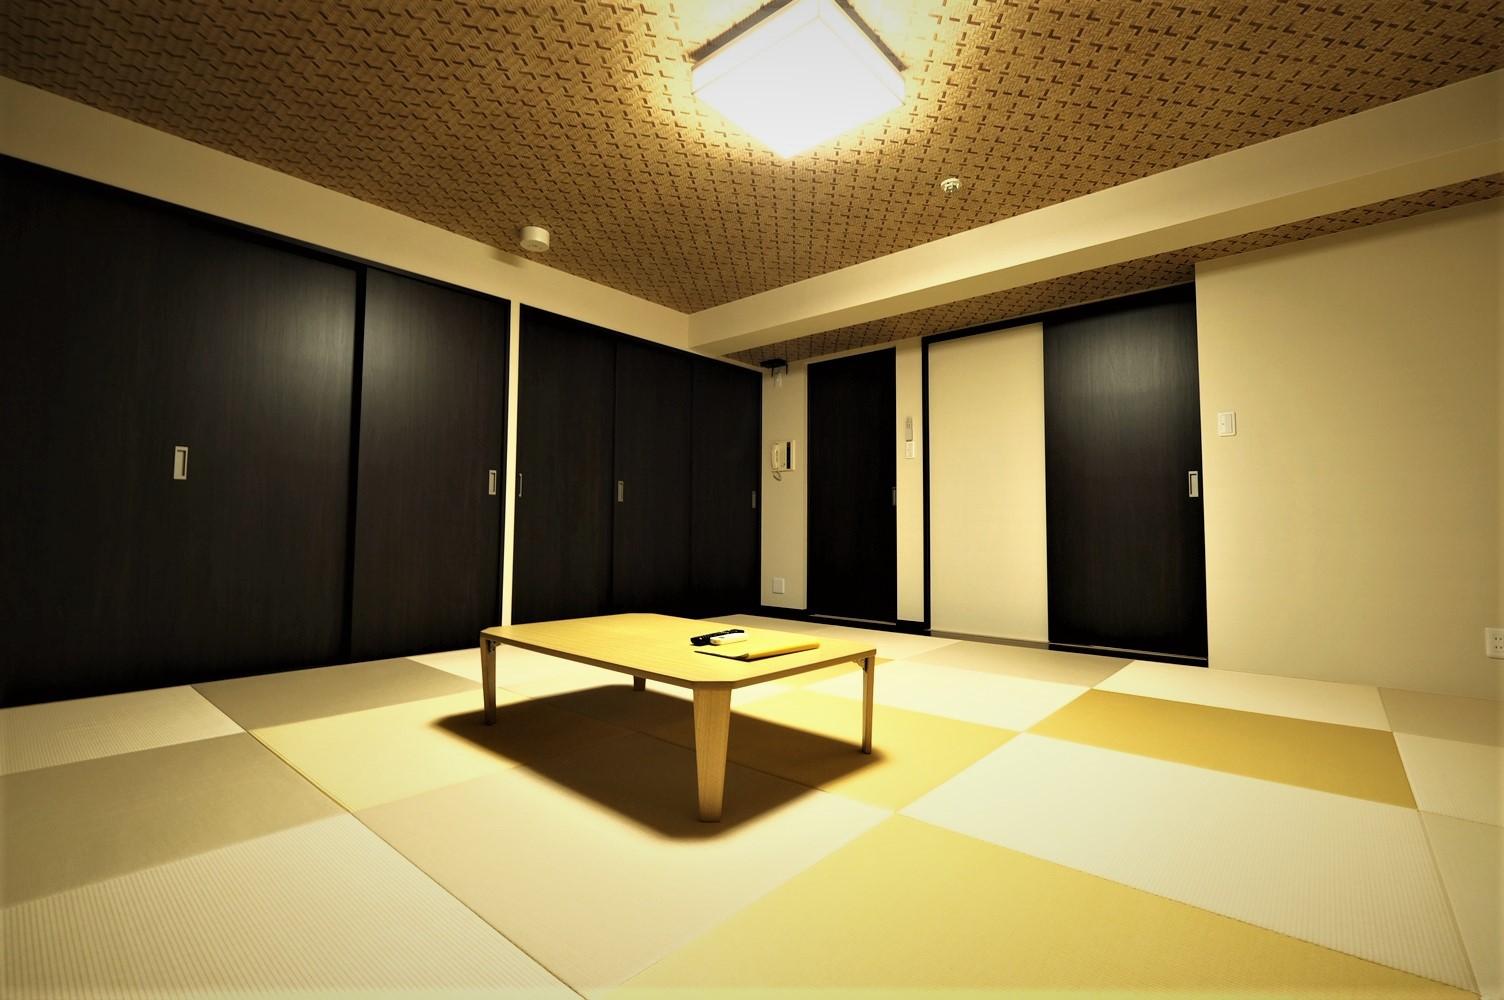 Wタイプ 12.5畳の和室になります。